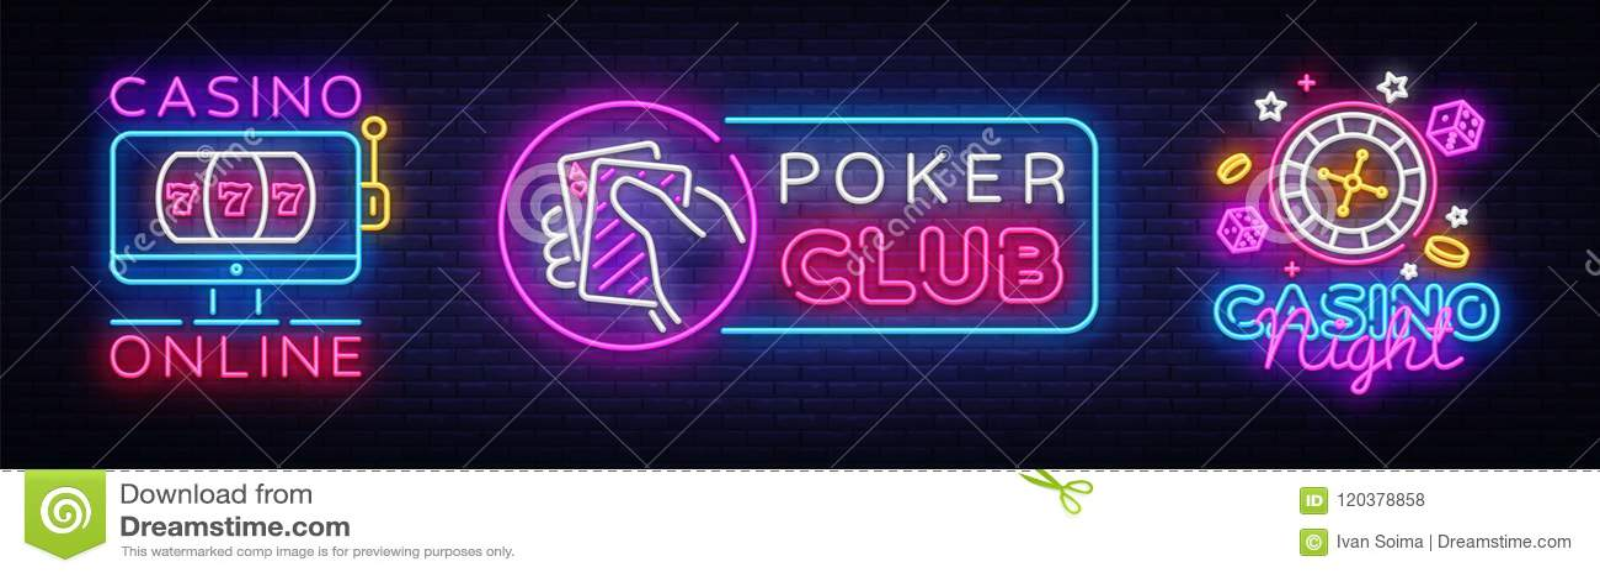 Гульнявыя аўтаматы покер алімп